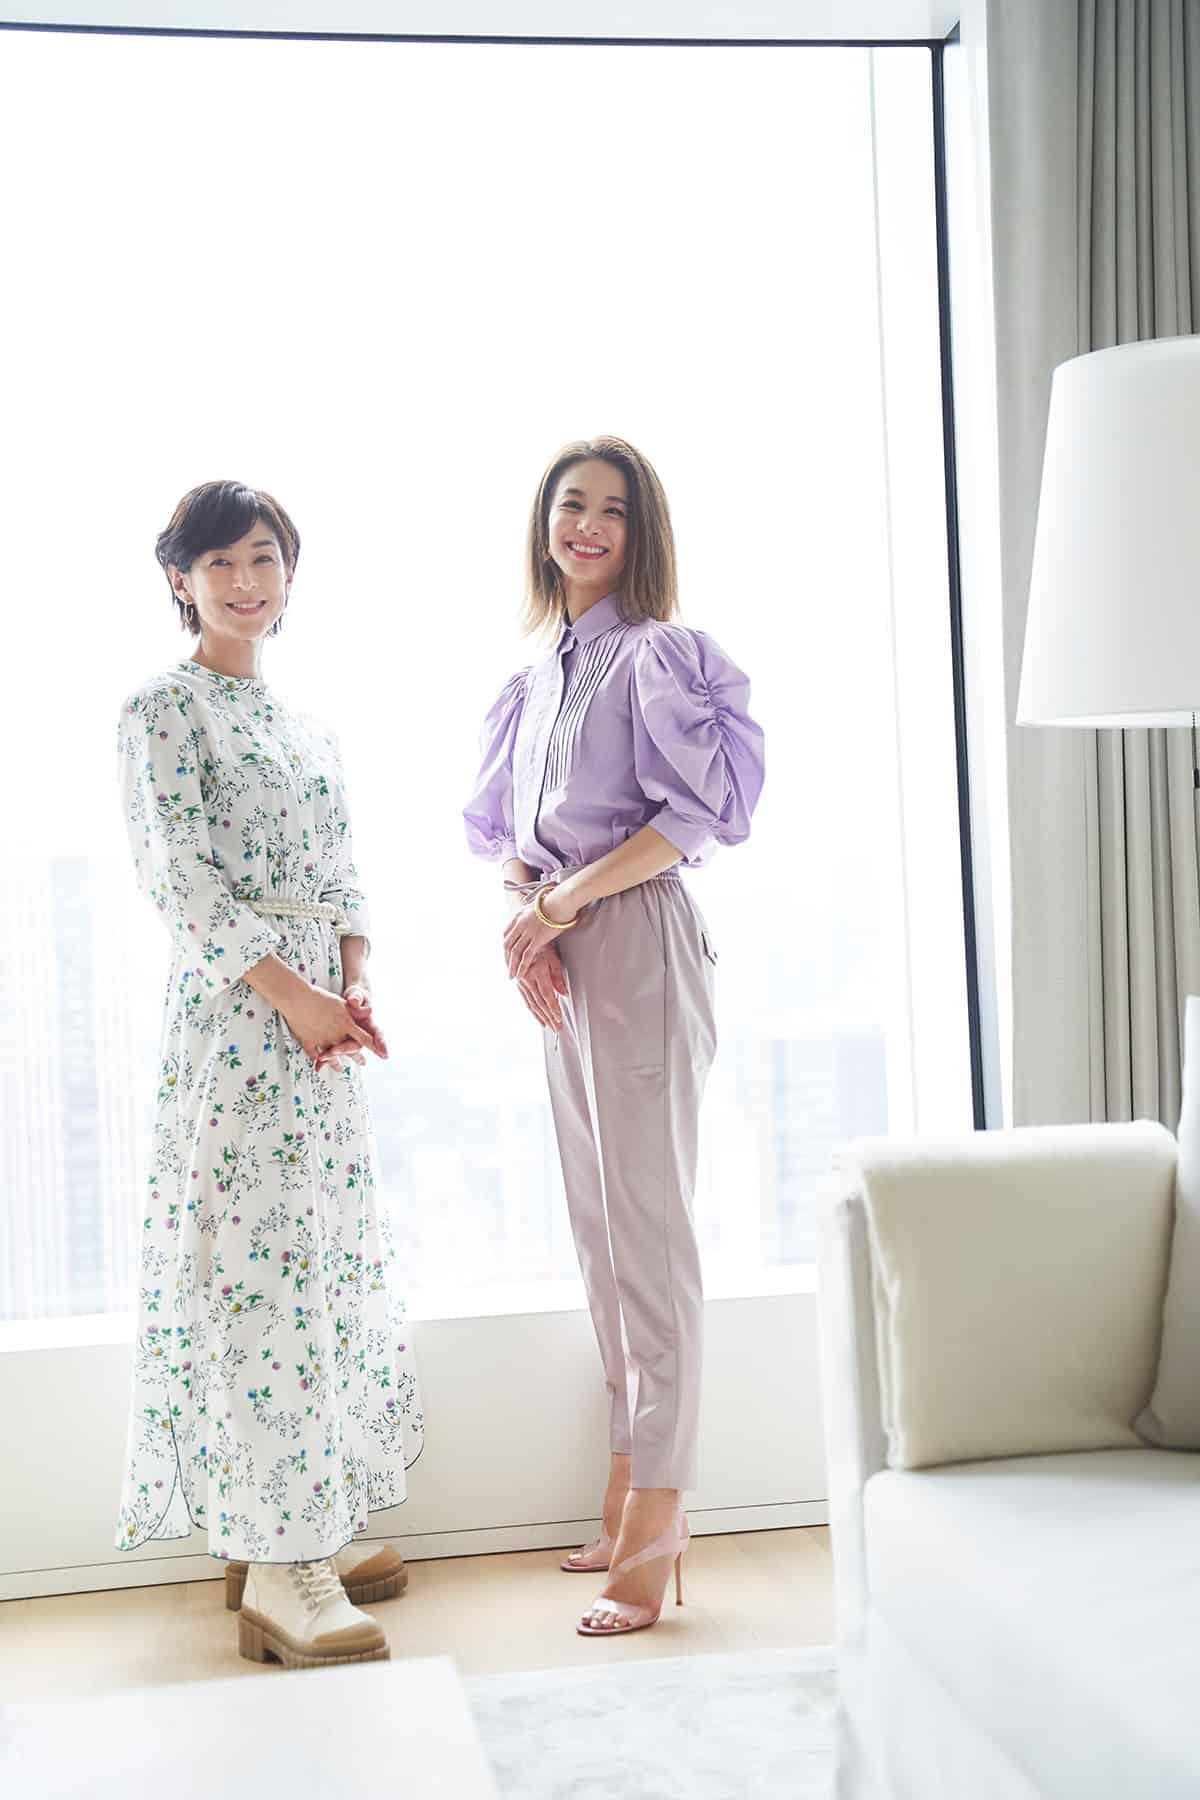 鈴木保奈美さん、稲沢朋子さん対談